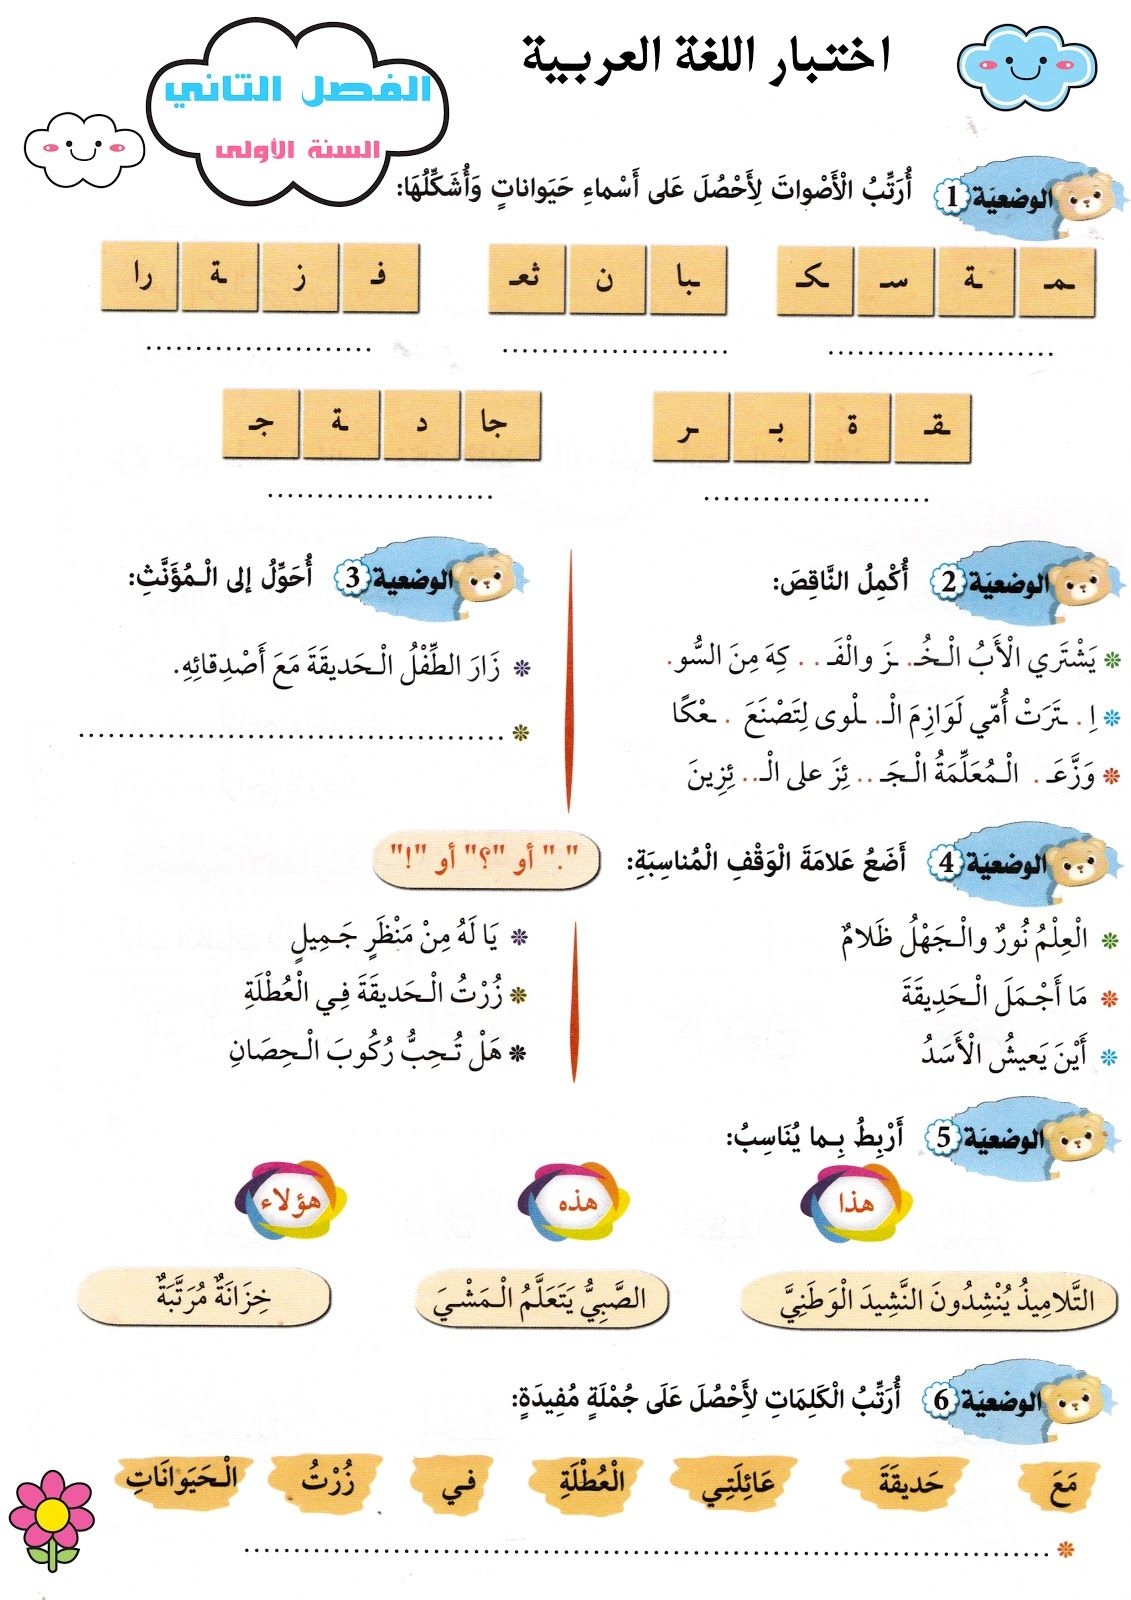 اختبارات تقويمية للفصل الأول اللغة العربية السنة الأولى ابتدائي Blog Blog Posts Bullet Journal